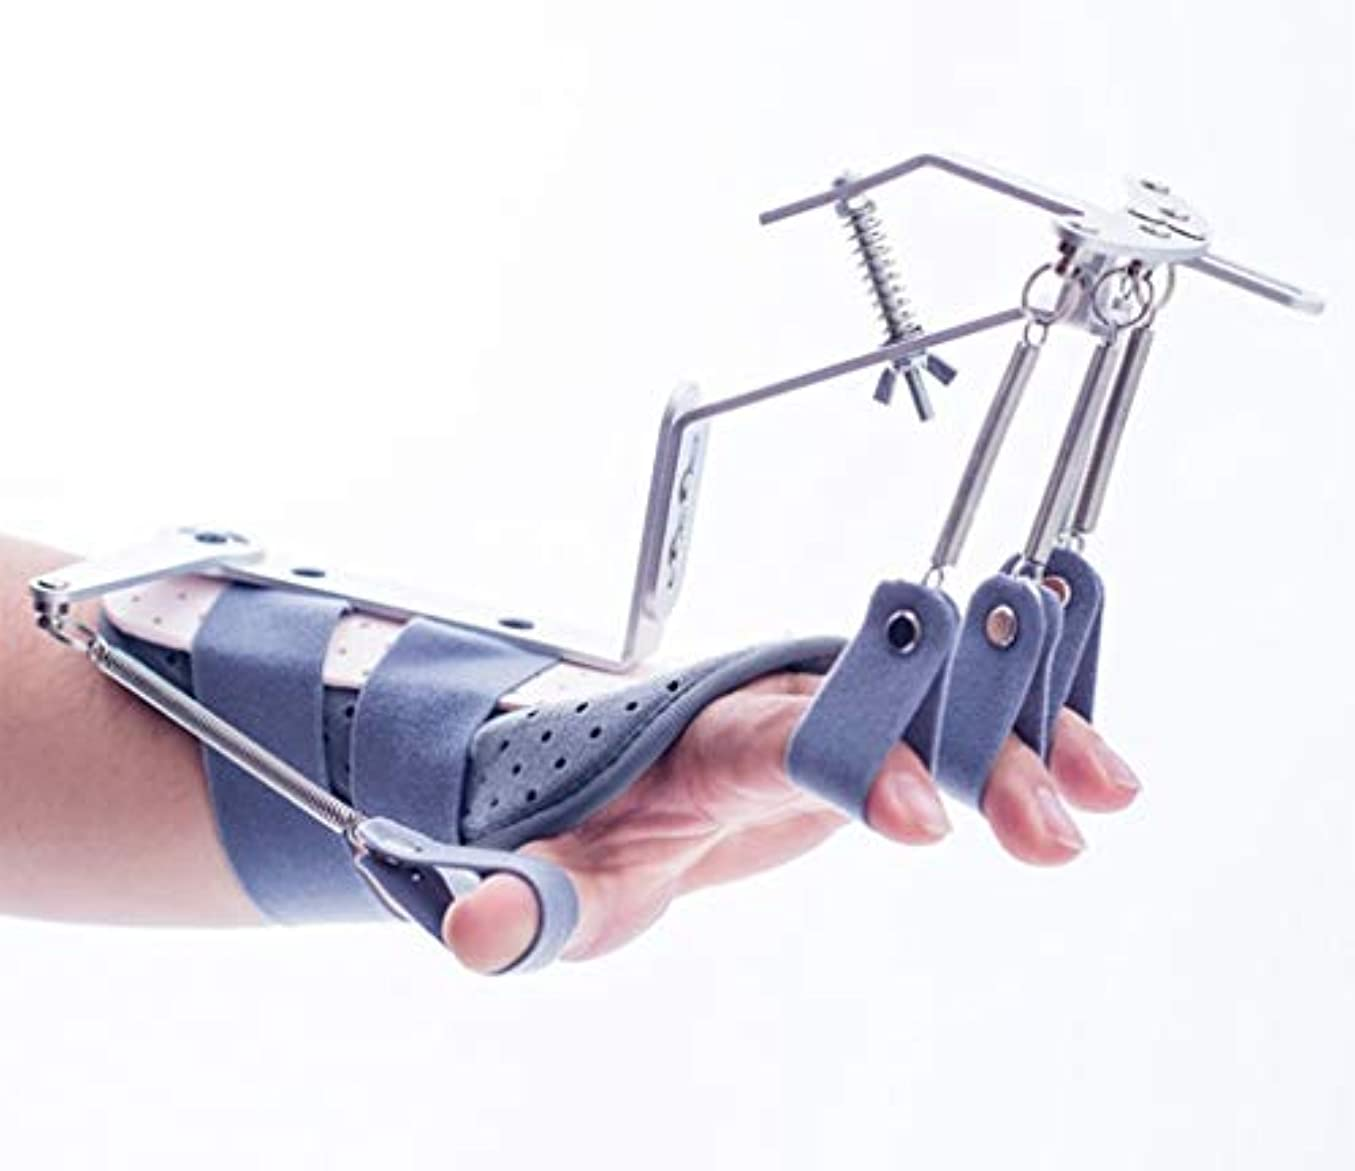 教室早くまっすぐ手指装具 フィンガーエクササイザー機器 適切な 脳梗塞の場合 血栓症脳卒中部 片麻痺保護